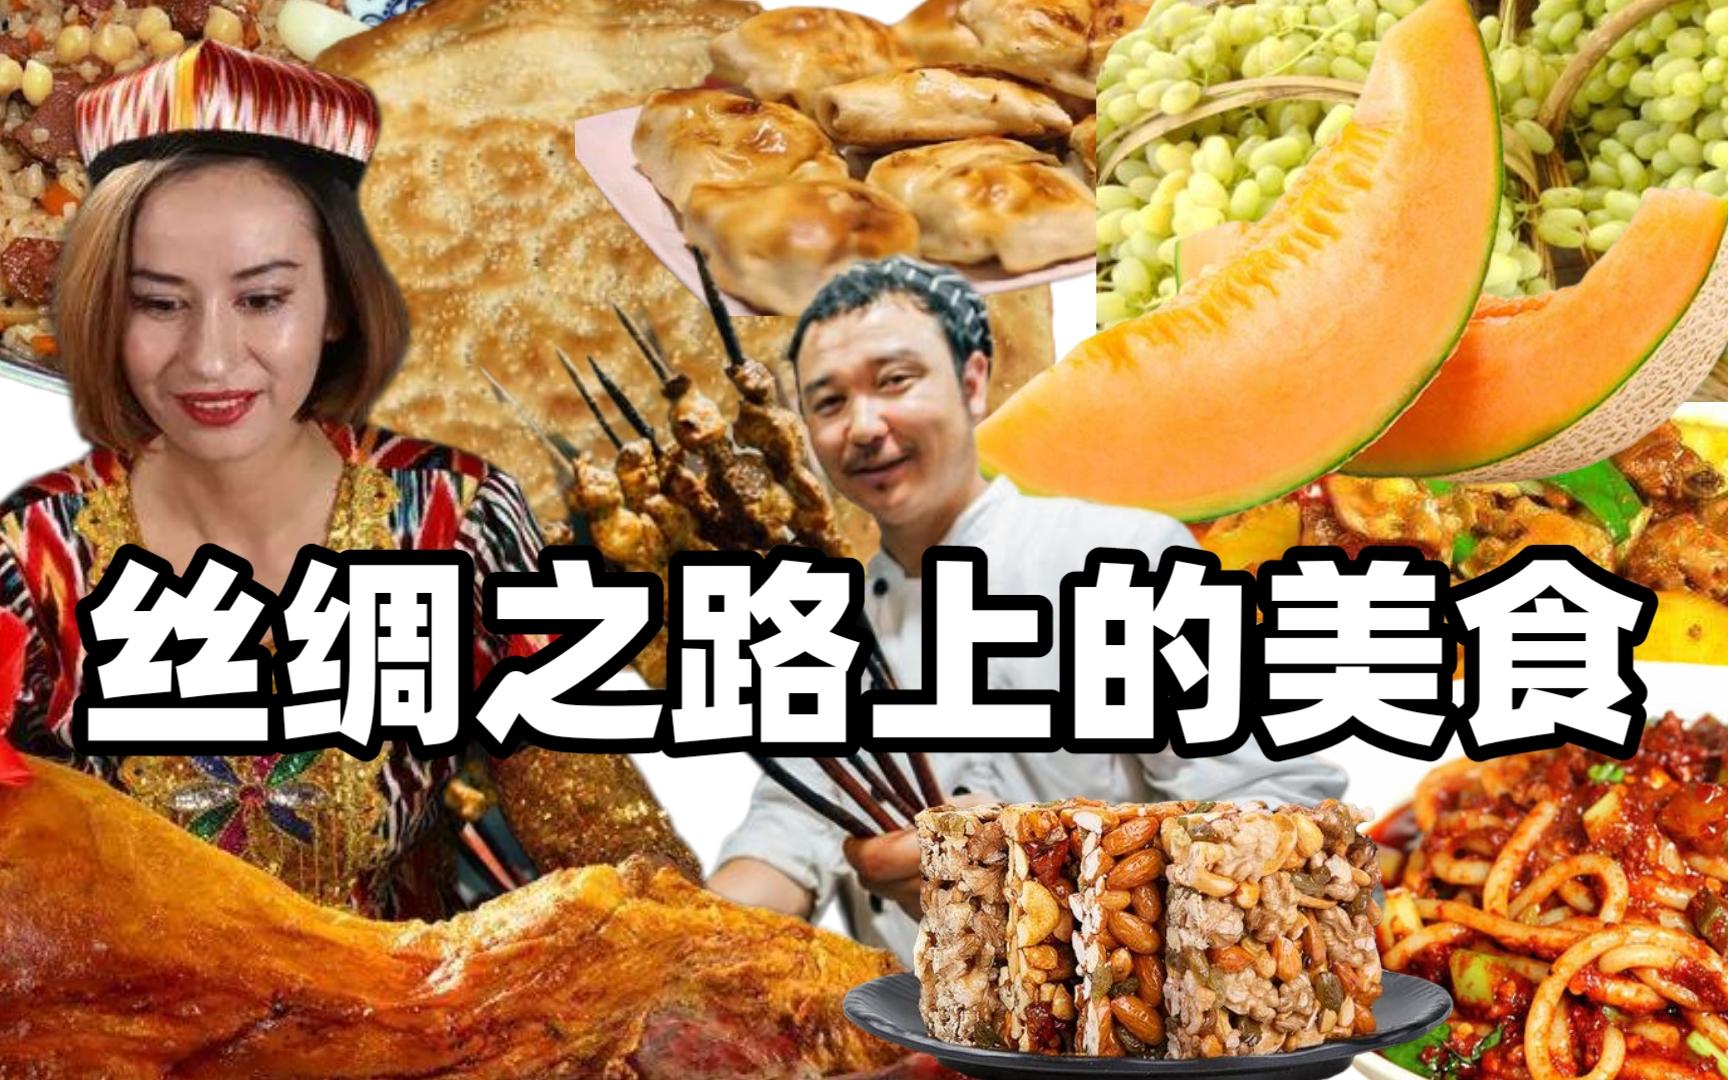 丝绸之路上的美食-第17集-胡杨林中的烧烤